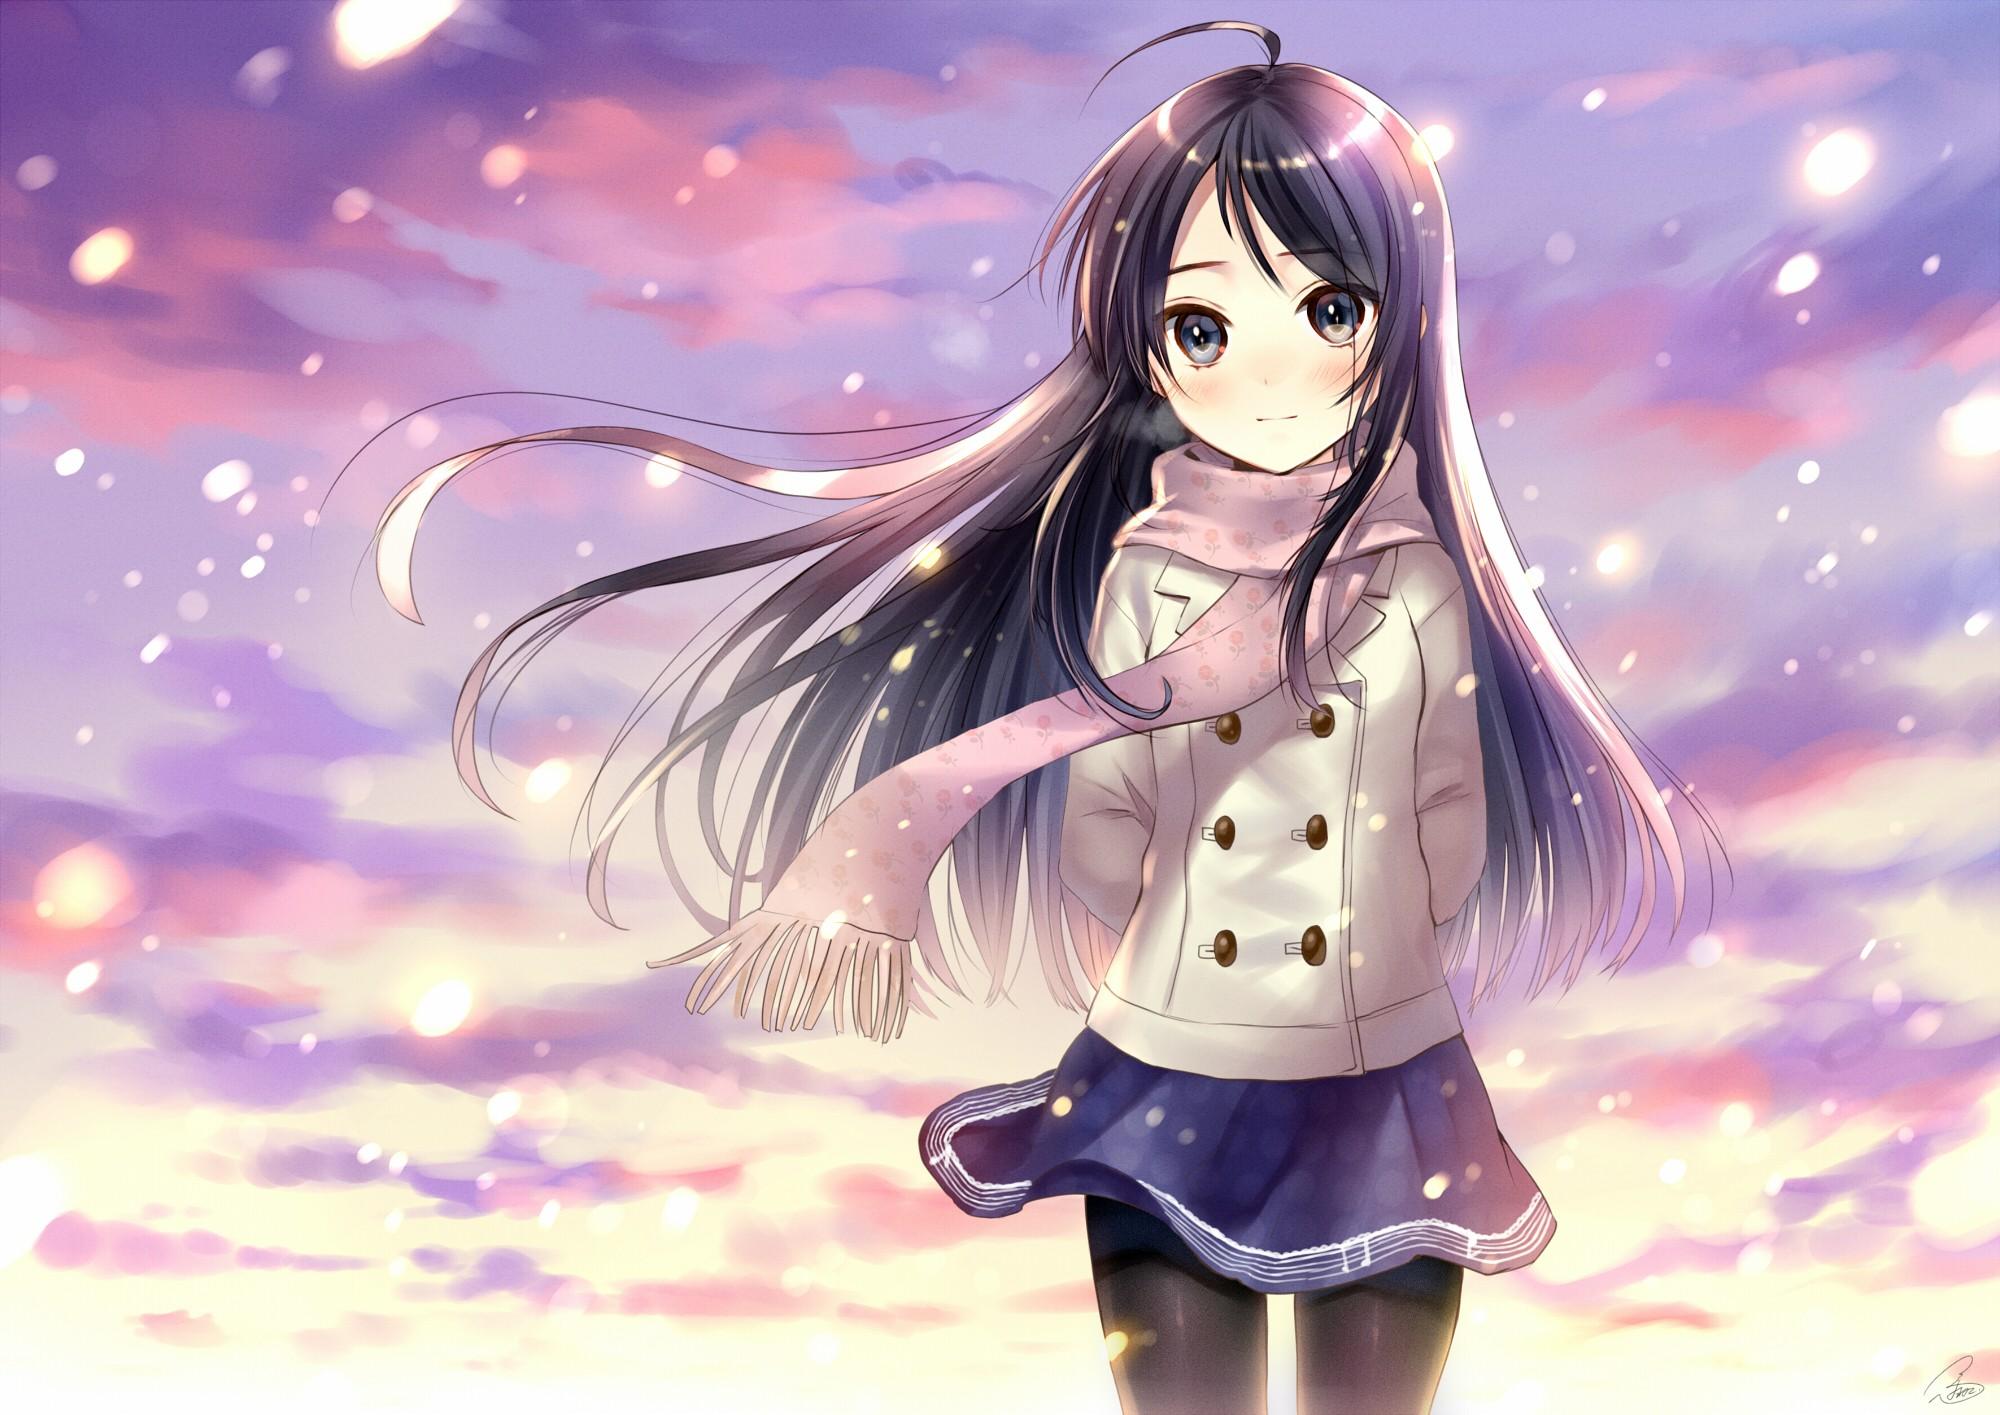 обои ИРРюстрация аниме Аниме девушки снег Цены расширенных